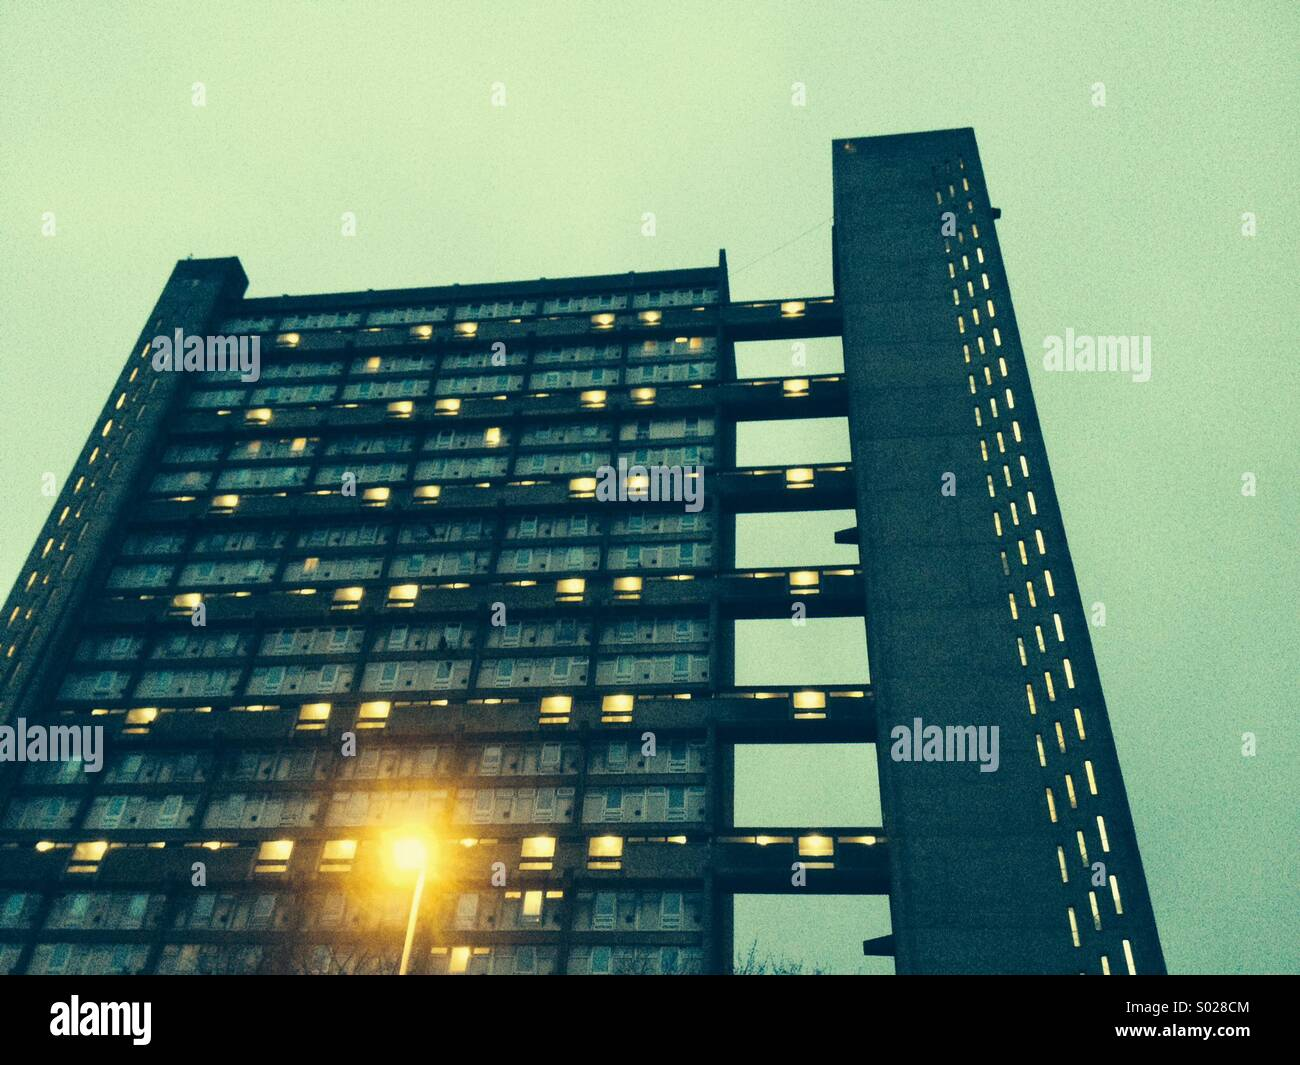 Balfron Tower au crépuscule, l'Est de Londres. Le moderniste et brutaliste prédécesseur à Photo Stock